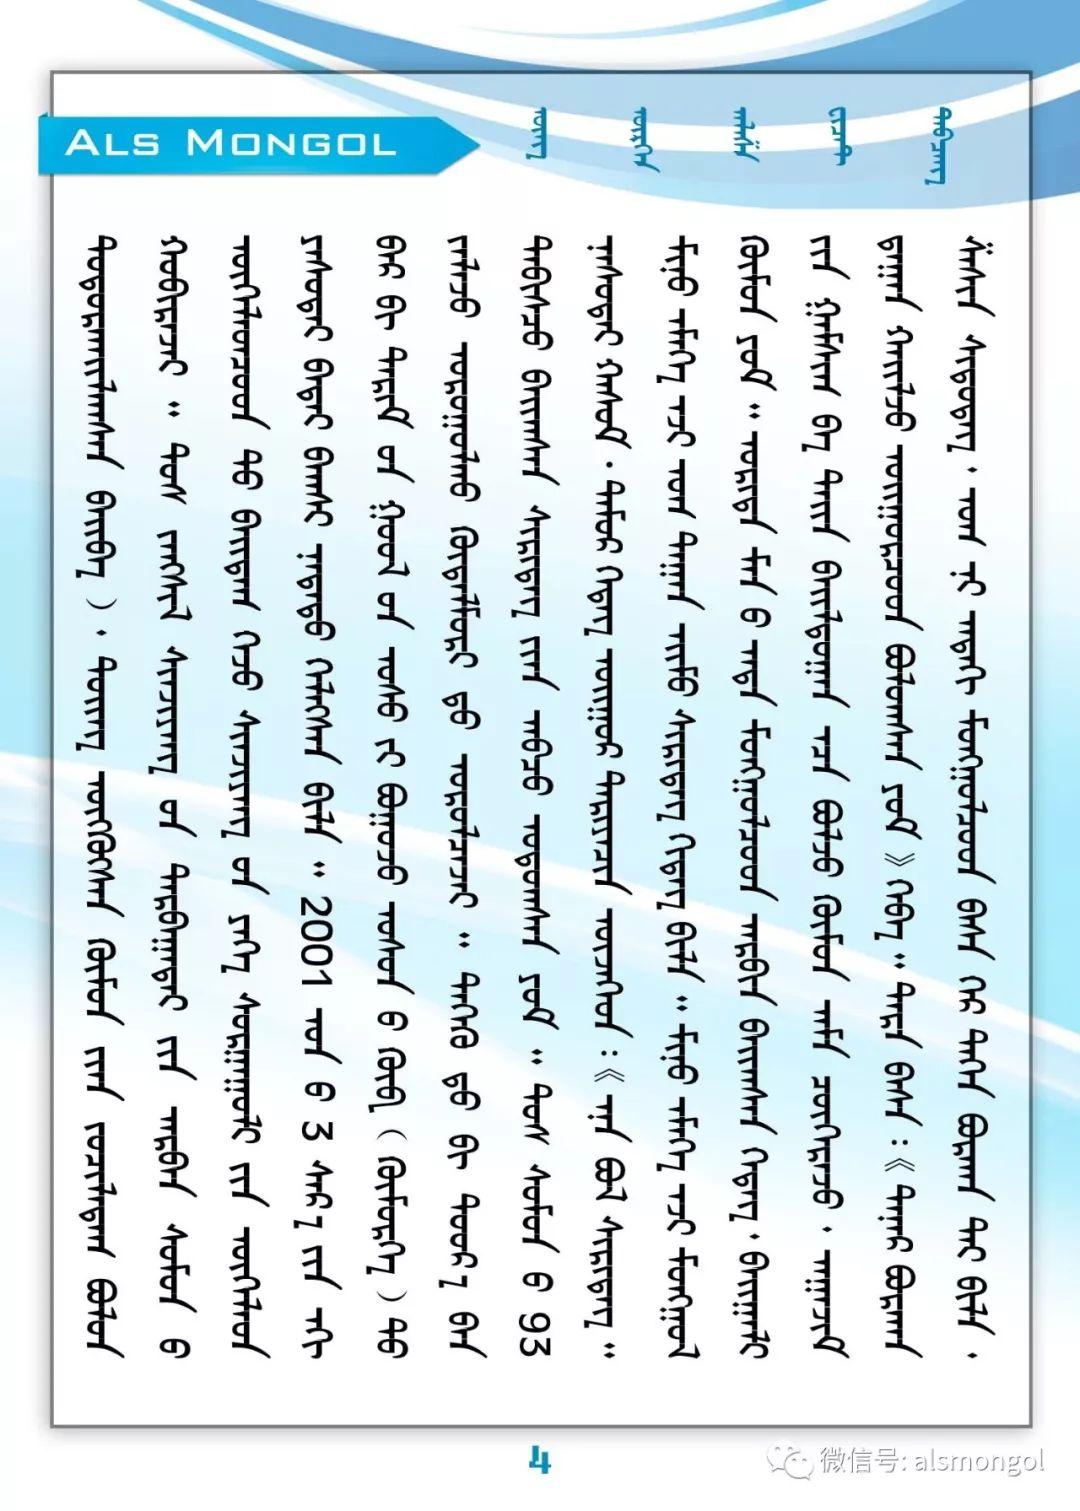 罗布泊地区蒙古后裔略记 第6张